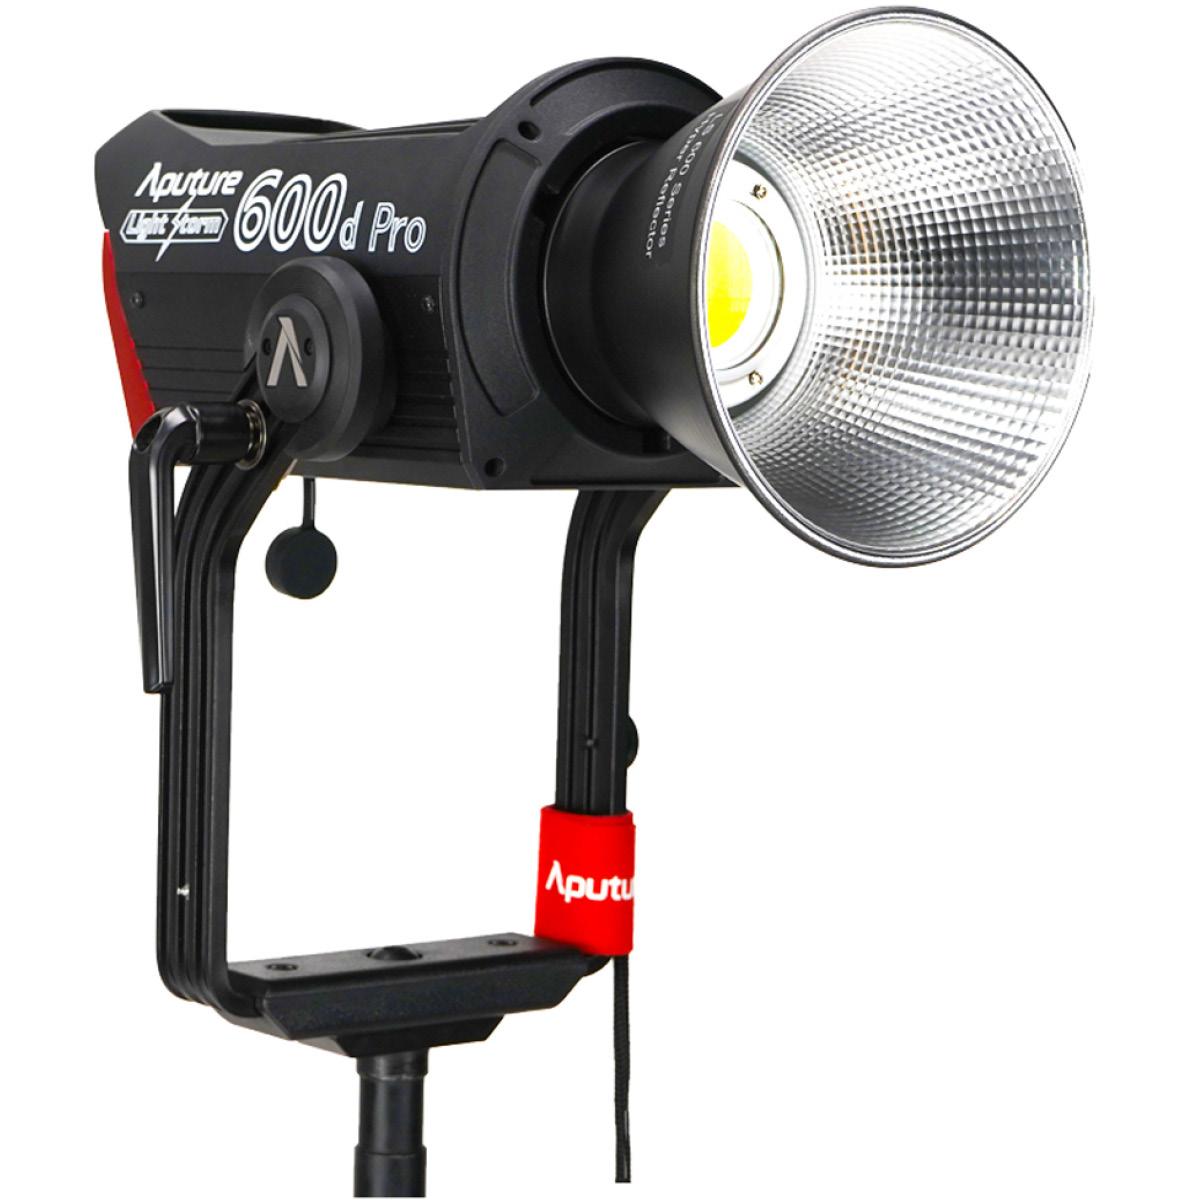 Aputure Light Storm 600D Pro Kit